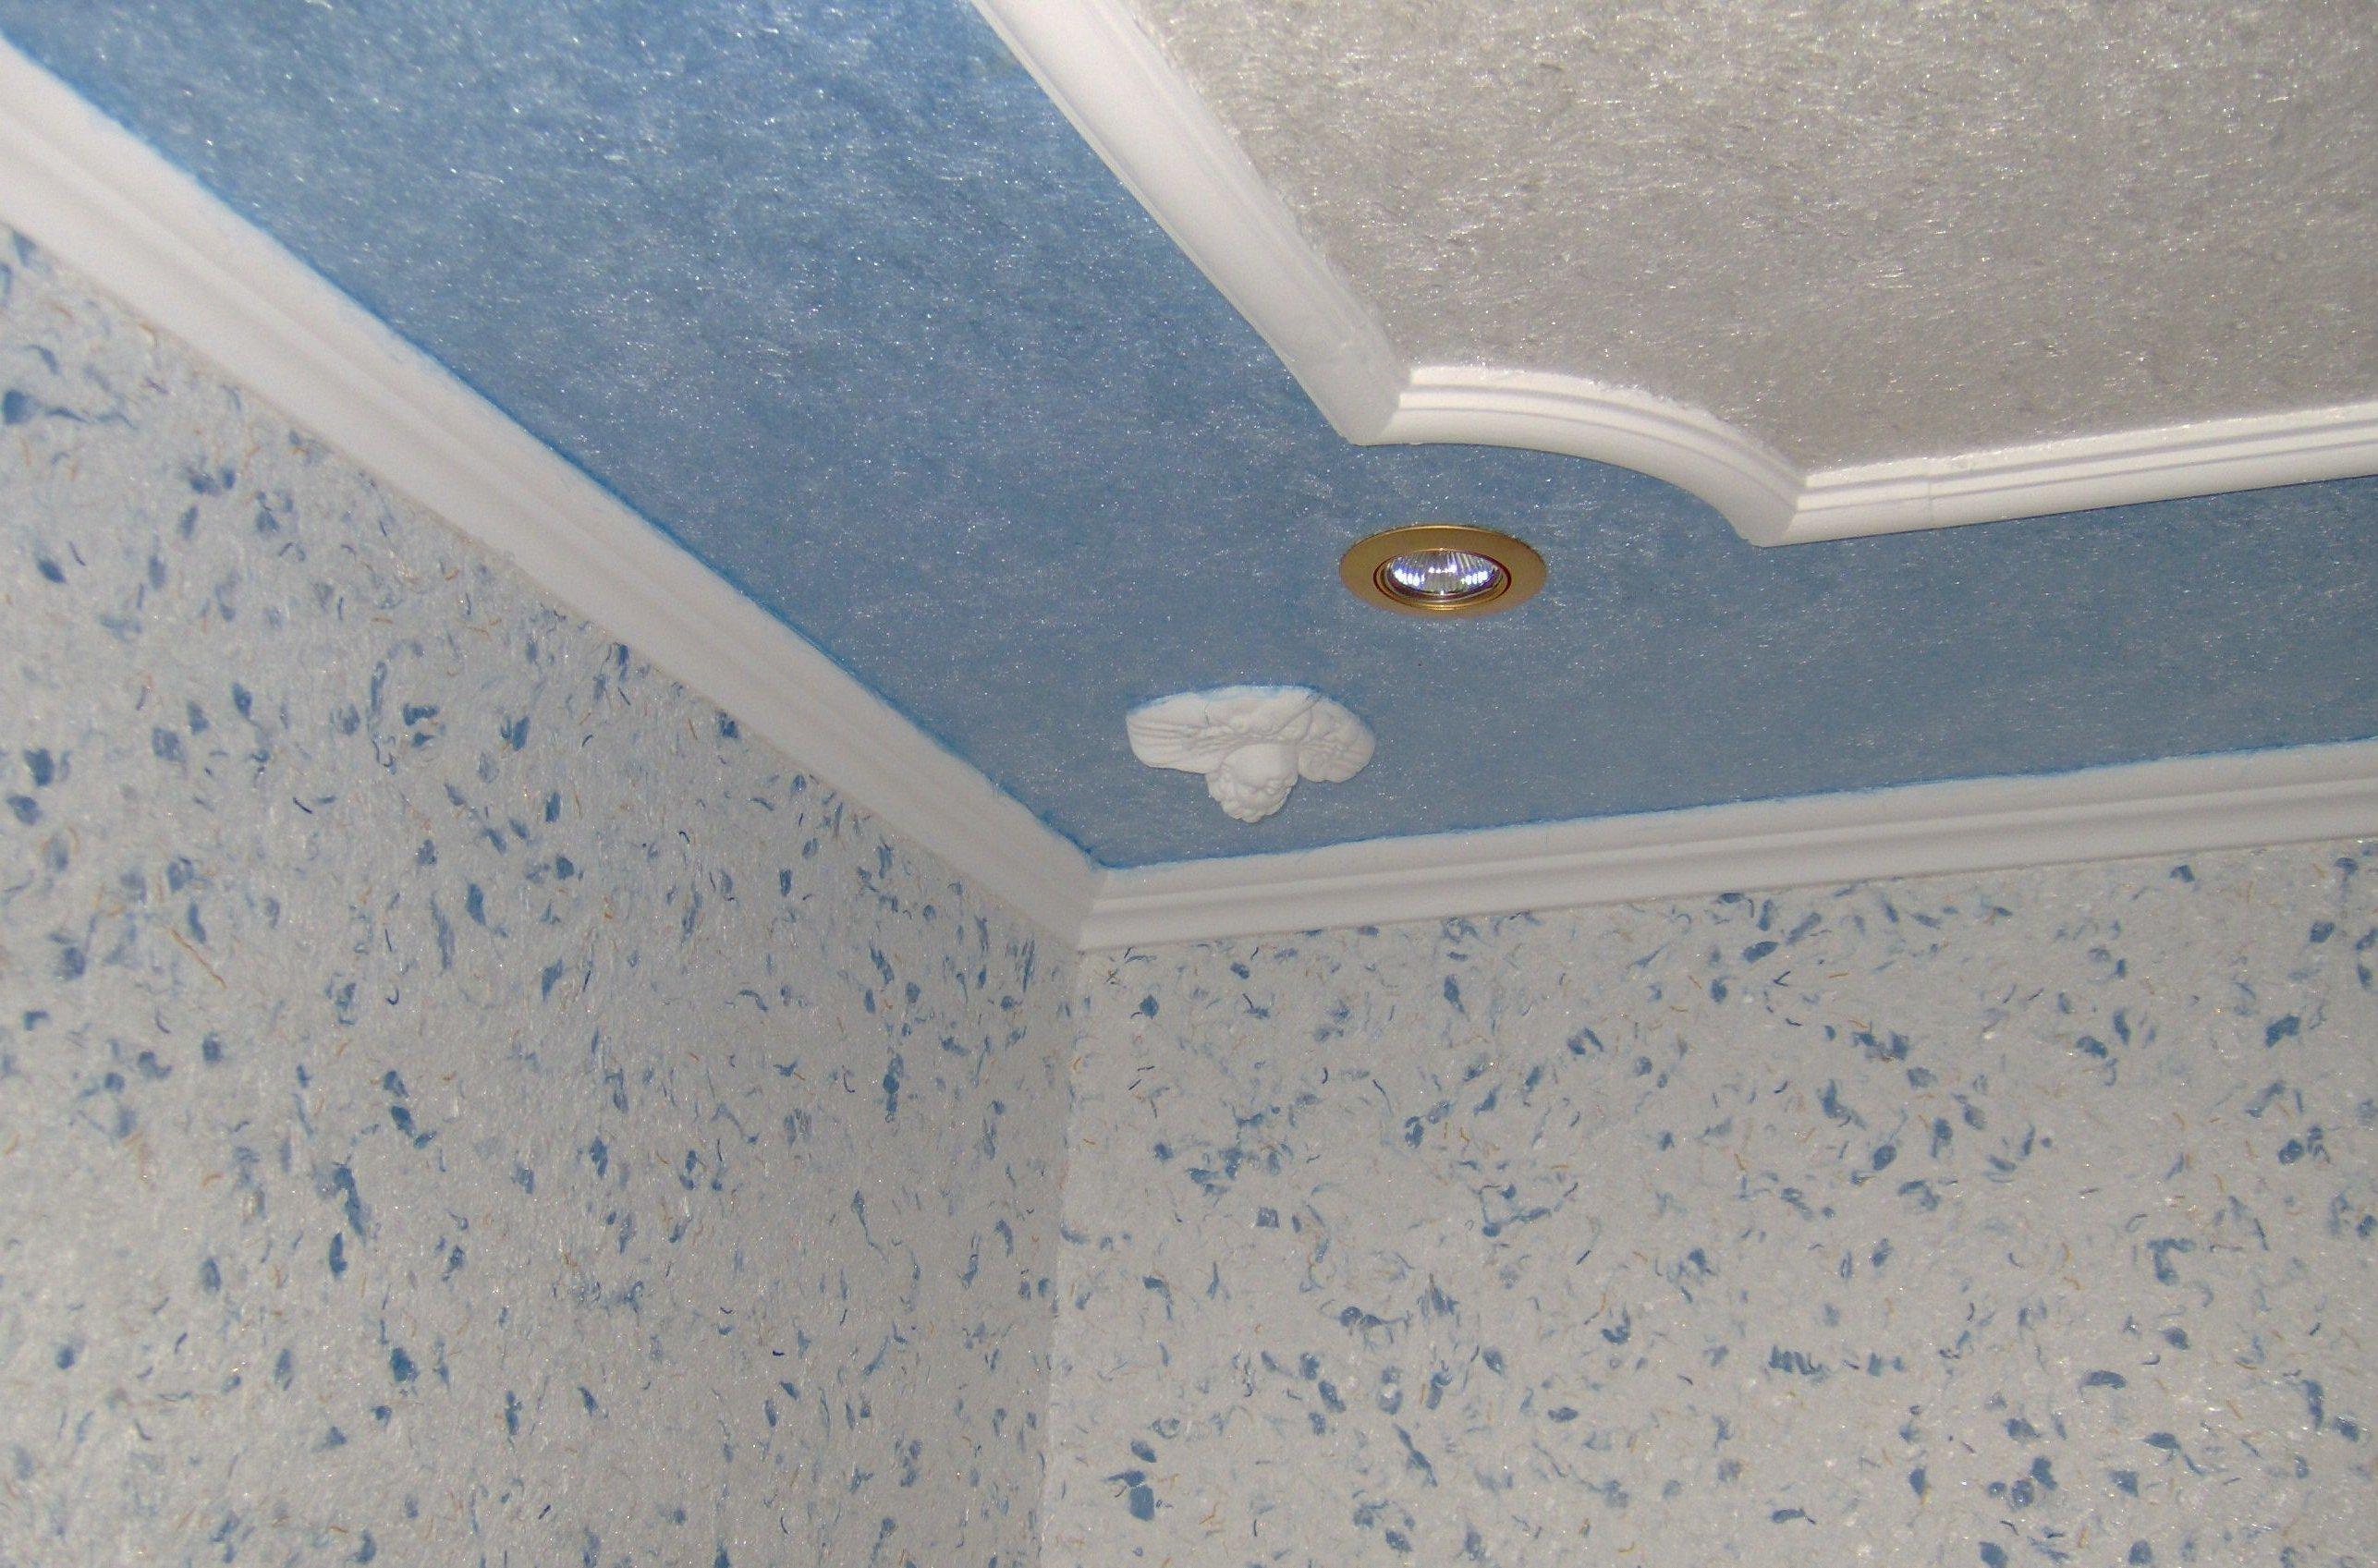 Потолок, обклеенный флизелиновыми обоями